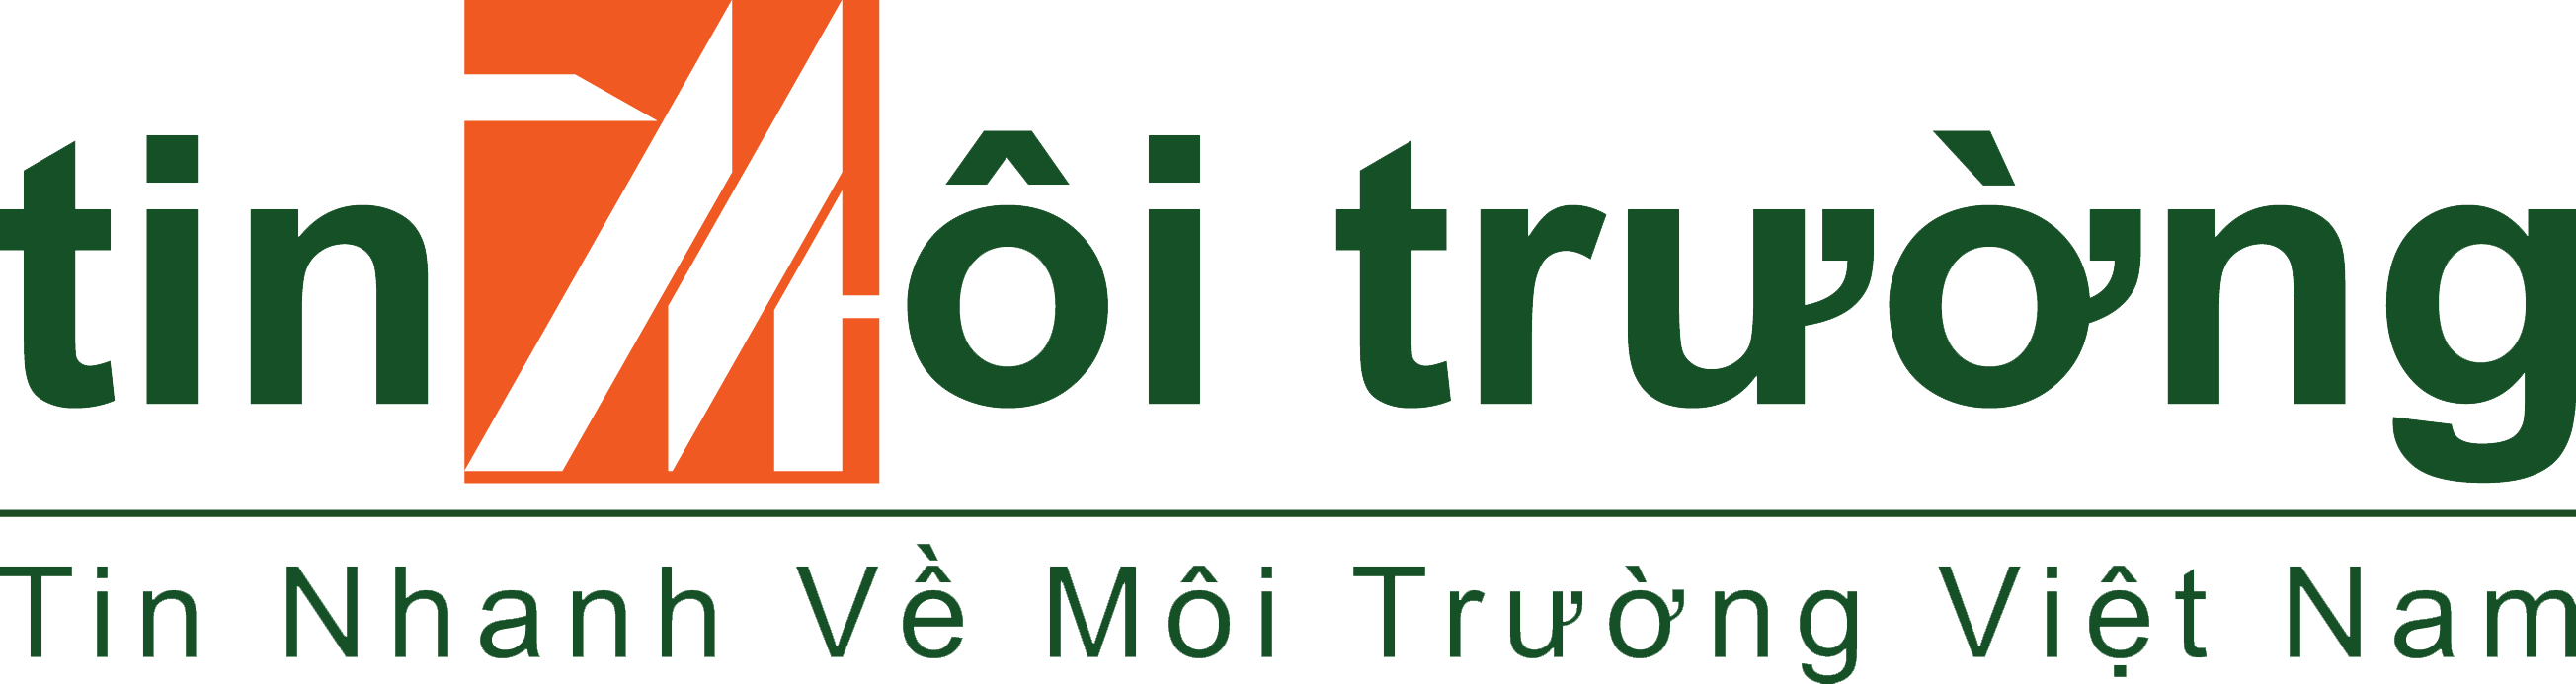 logo tin môi trường